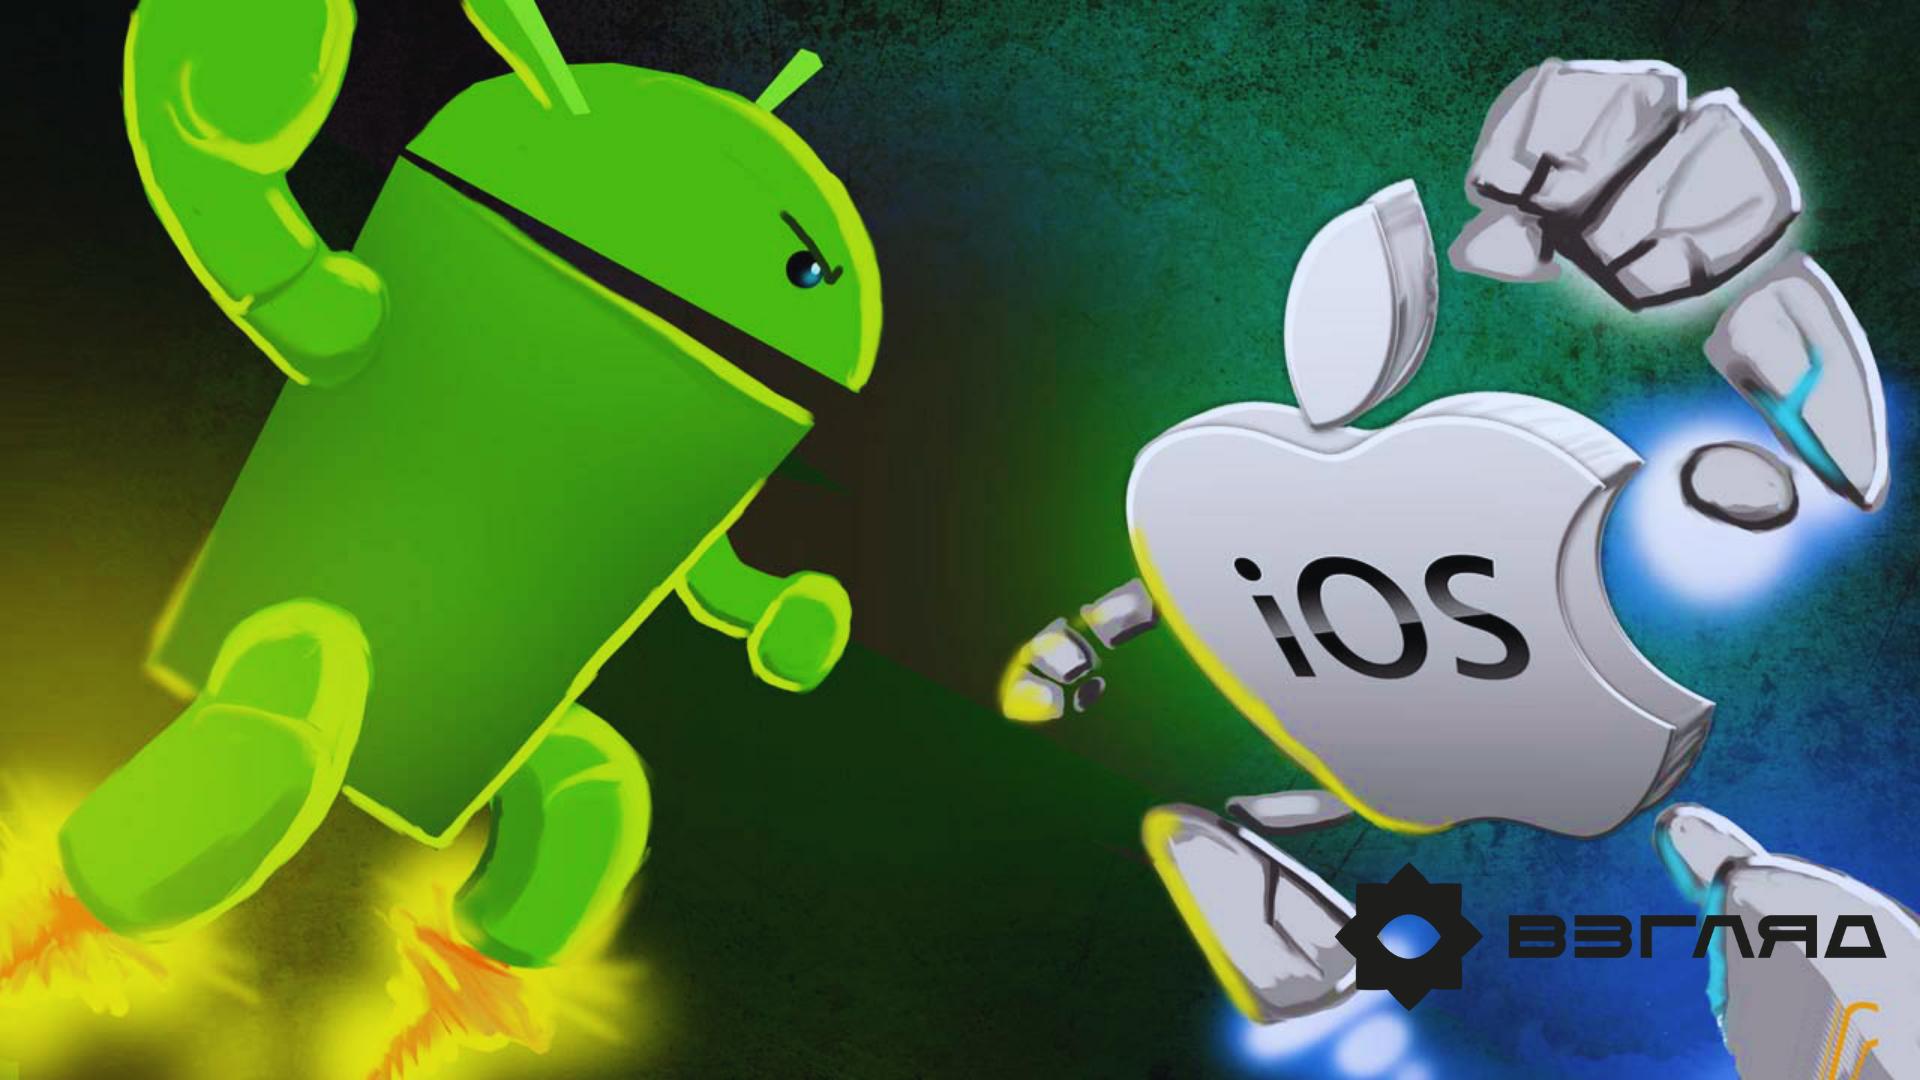 Да будет битва: Android против iOS. Взгляд.uz рассказывает о плюсах и минусах каждой из платформ